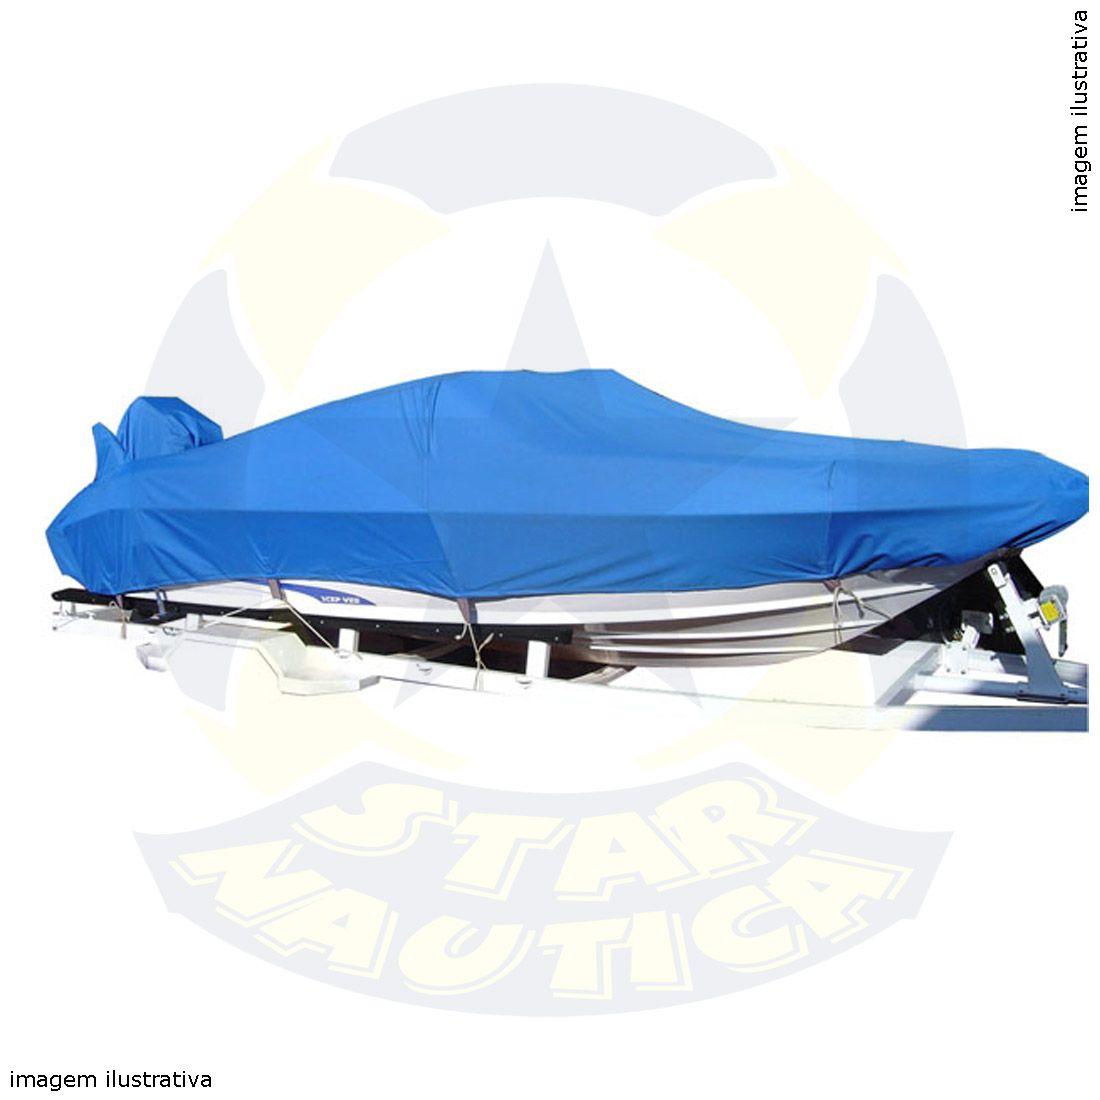 Capa Lona de Cobertura Lancha FS 200 Lona Poliéster